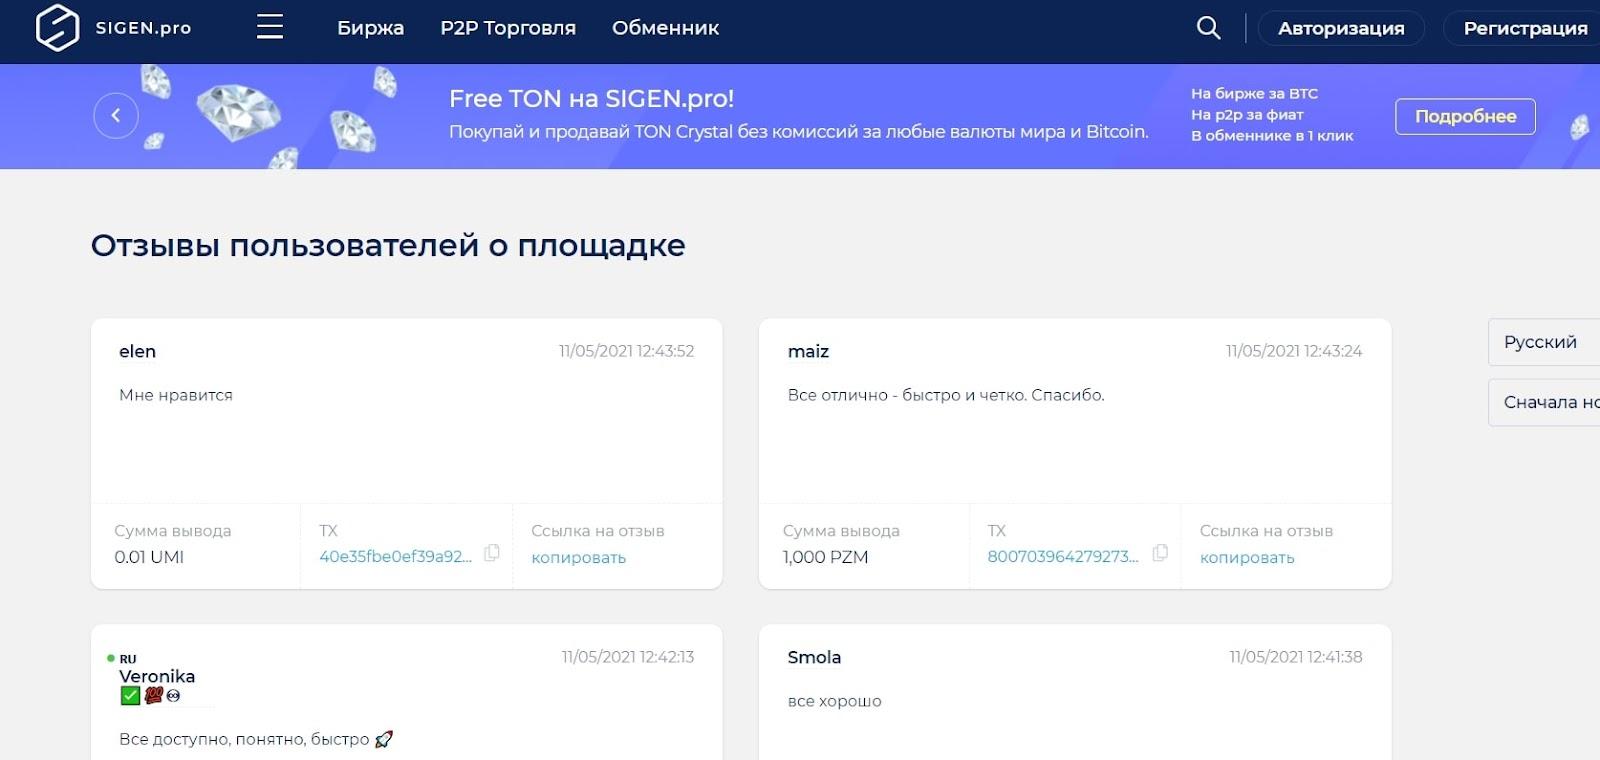 Объективная оценка криптобиржи Sigen: обзор условий, отзывы